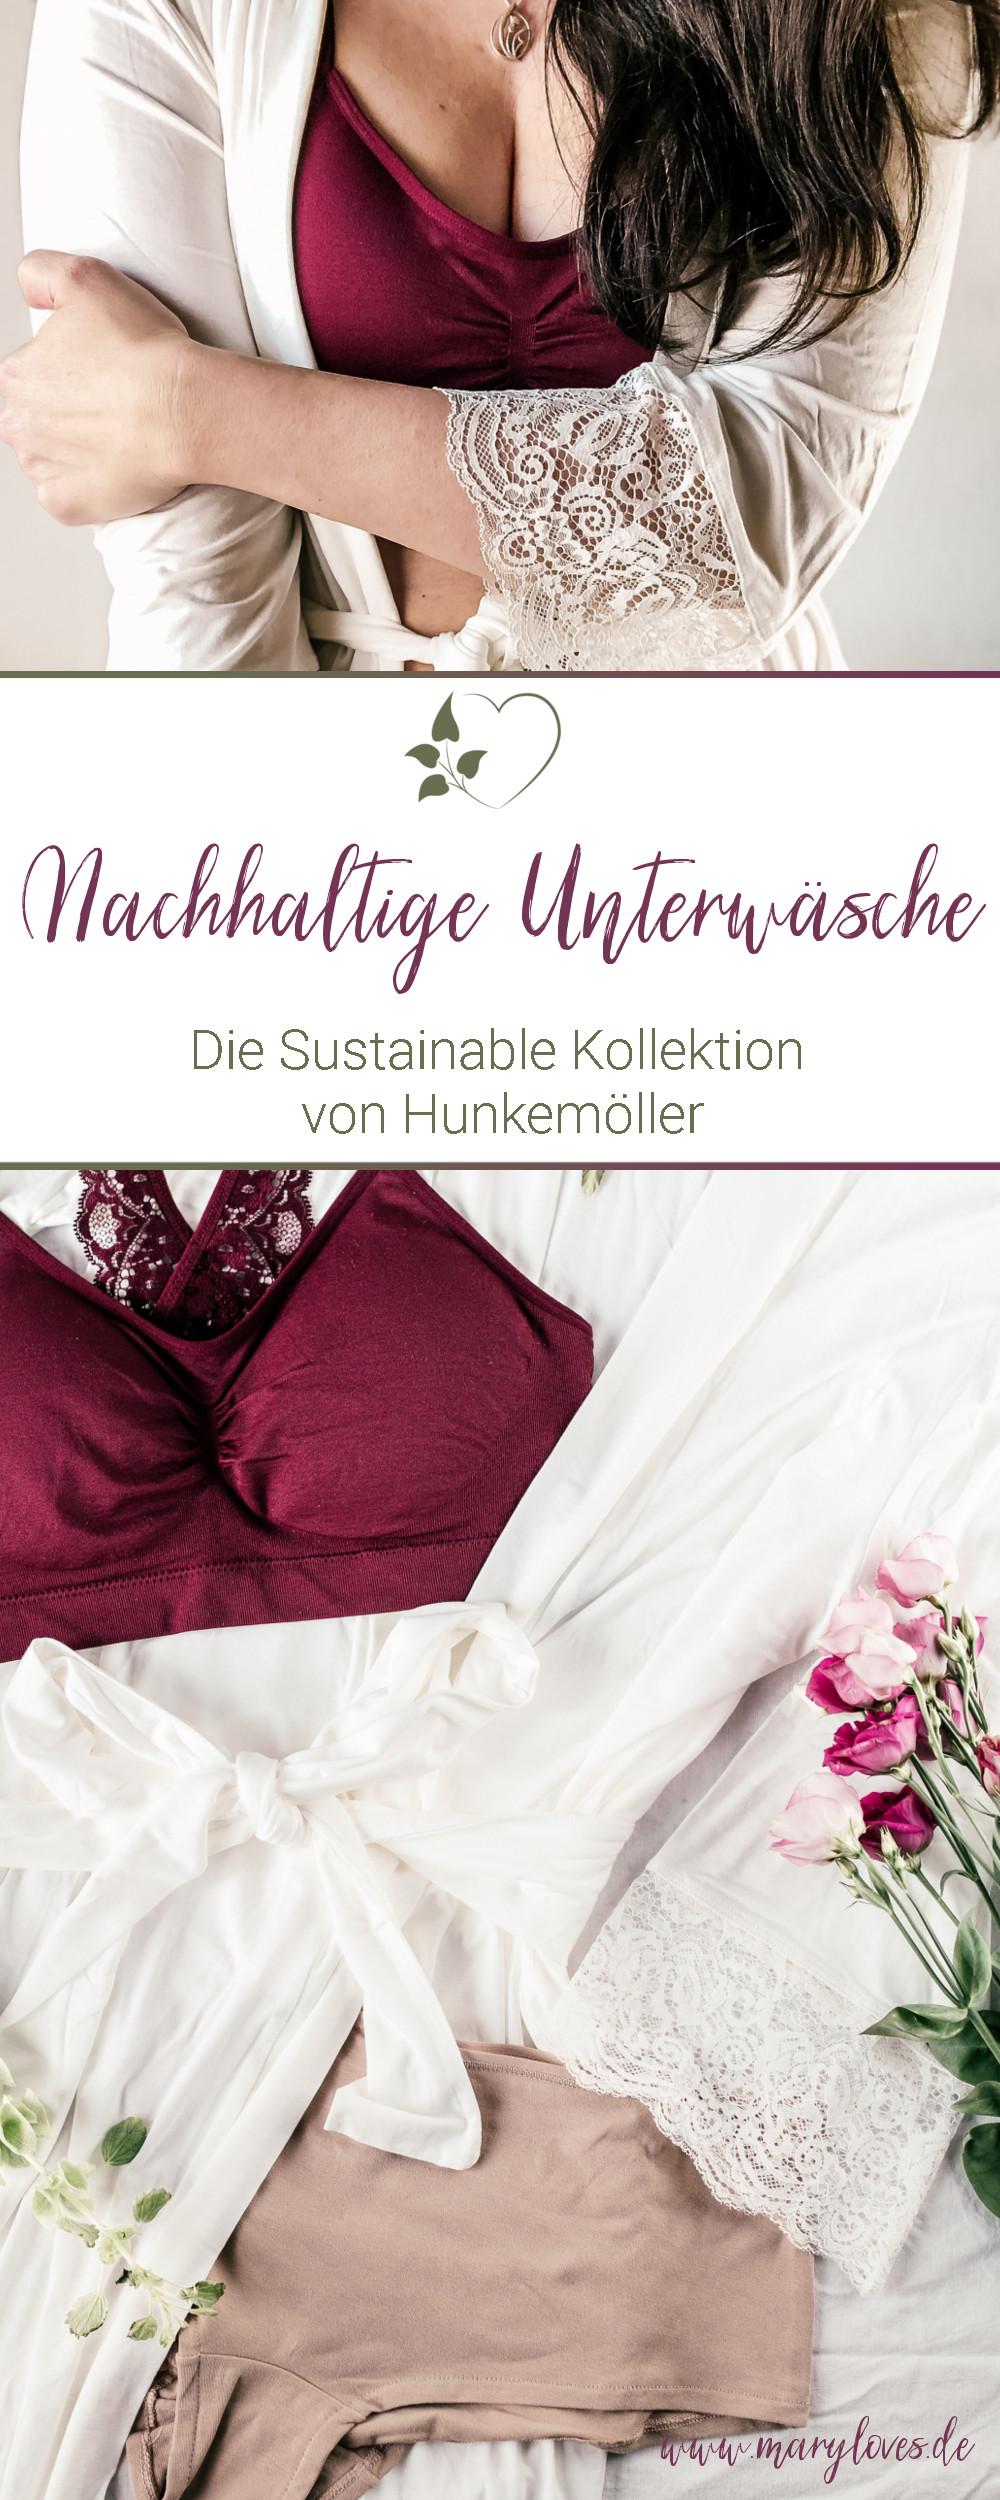 [Anzeige] Basics für untendrunter - Nachhaltige Unterwäsche von Hunkemöller - #nachhaltigeunterwäsche #hunkemöller #toghetertomorrow #sustainable #fairfashion #nachhaltigemode